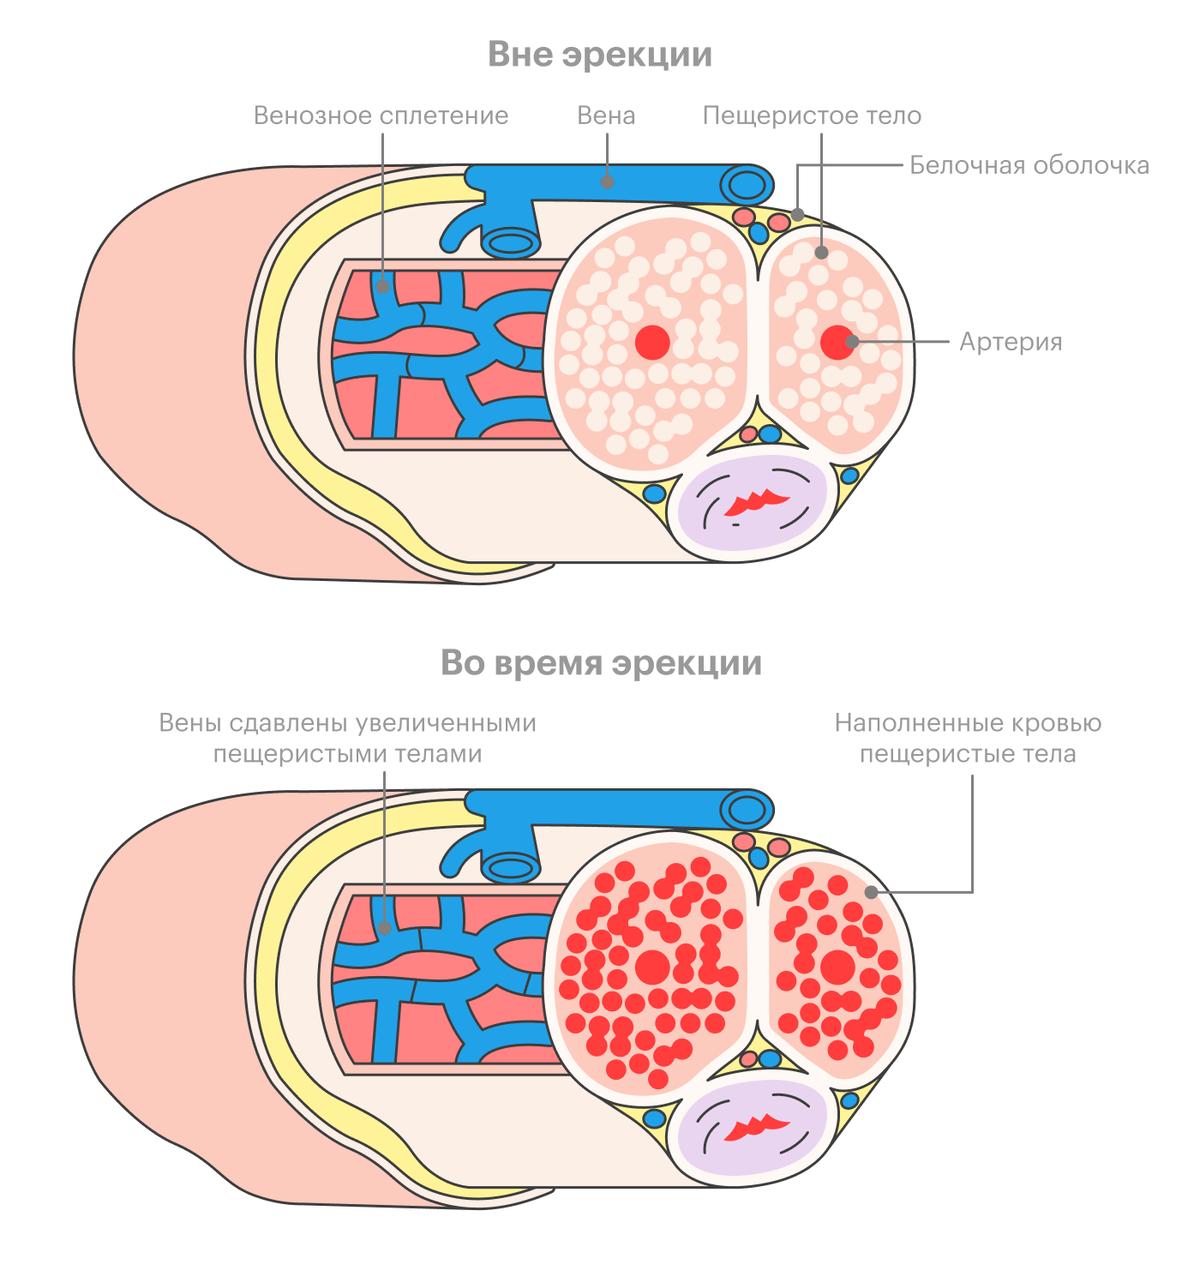 На рисунке снизу видно, как заполненные кровью пещеристые тела пережимают вены, не давая крови покинуть член. Ингибиторы ФДЭ-5 помогают максимально продлить это состояние